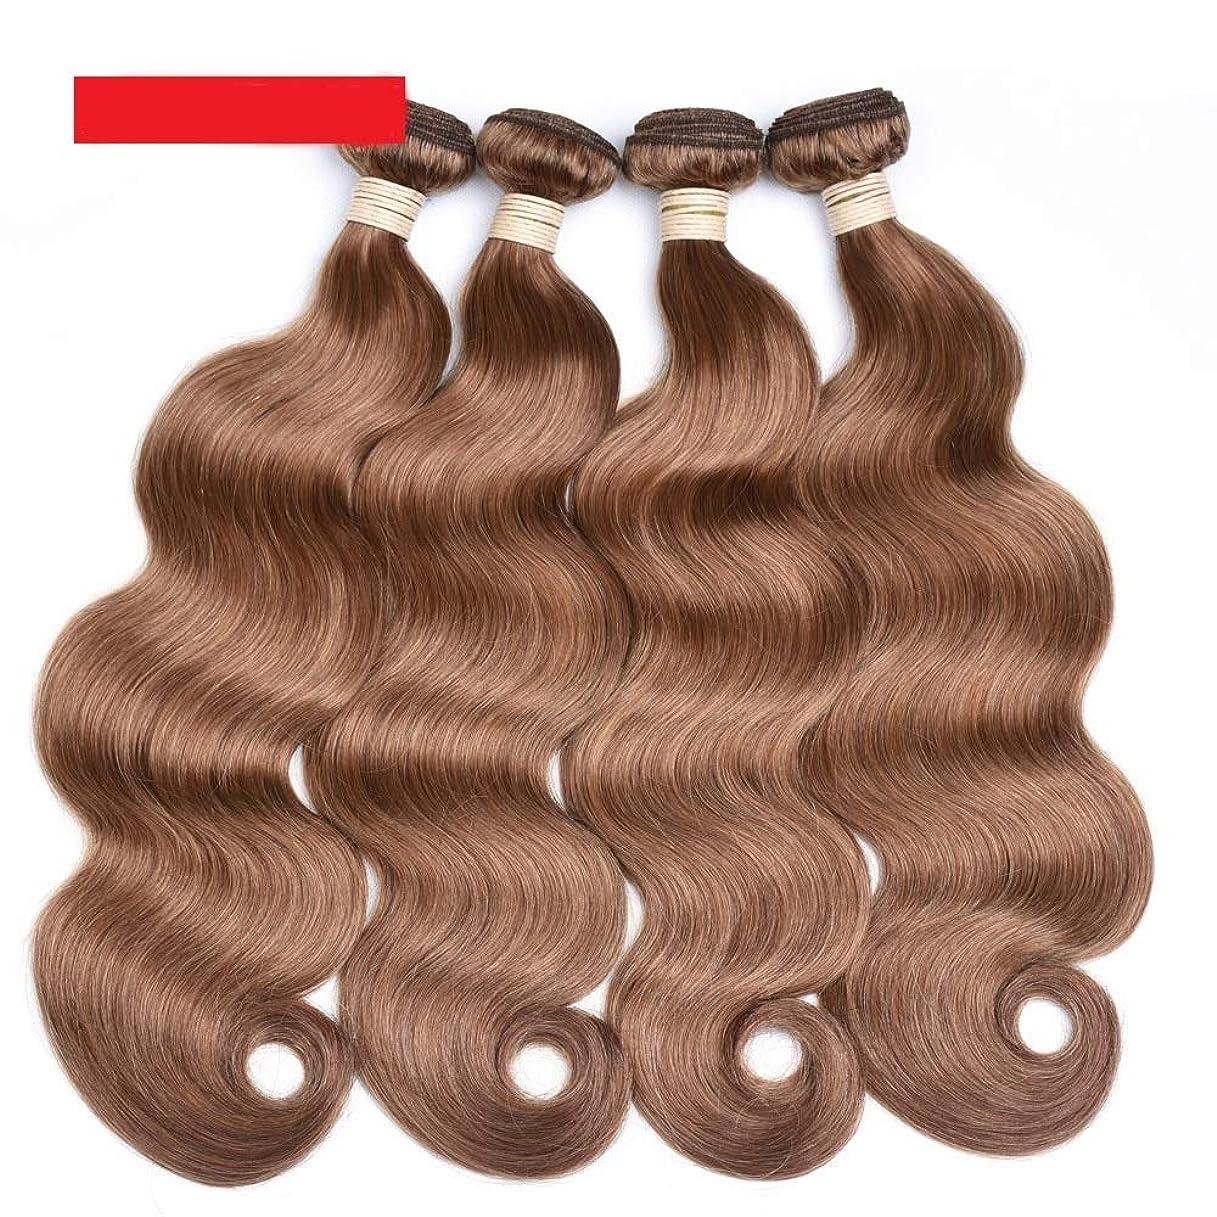 ペルメル脱獄集計BOBIDYEE ブラジルの髪の実体波100%バージンヒューマンヘアエクステンション1バンドル横糸の織り方#30茶色(8